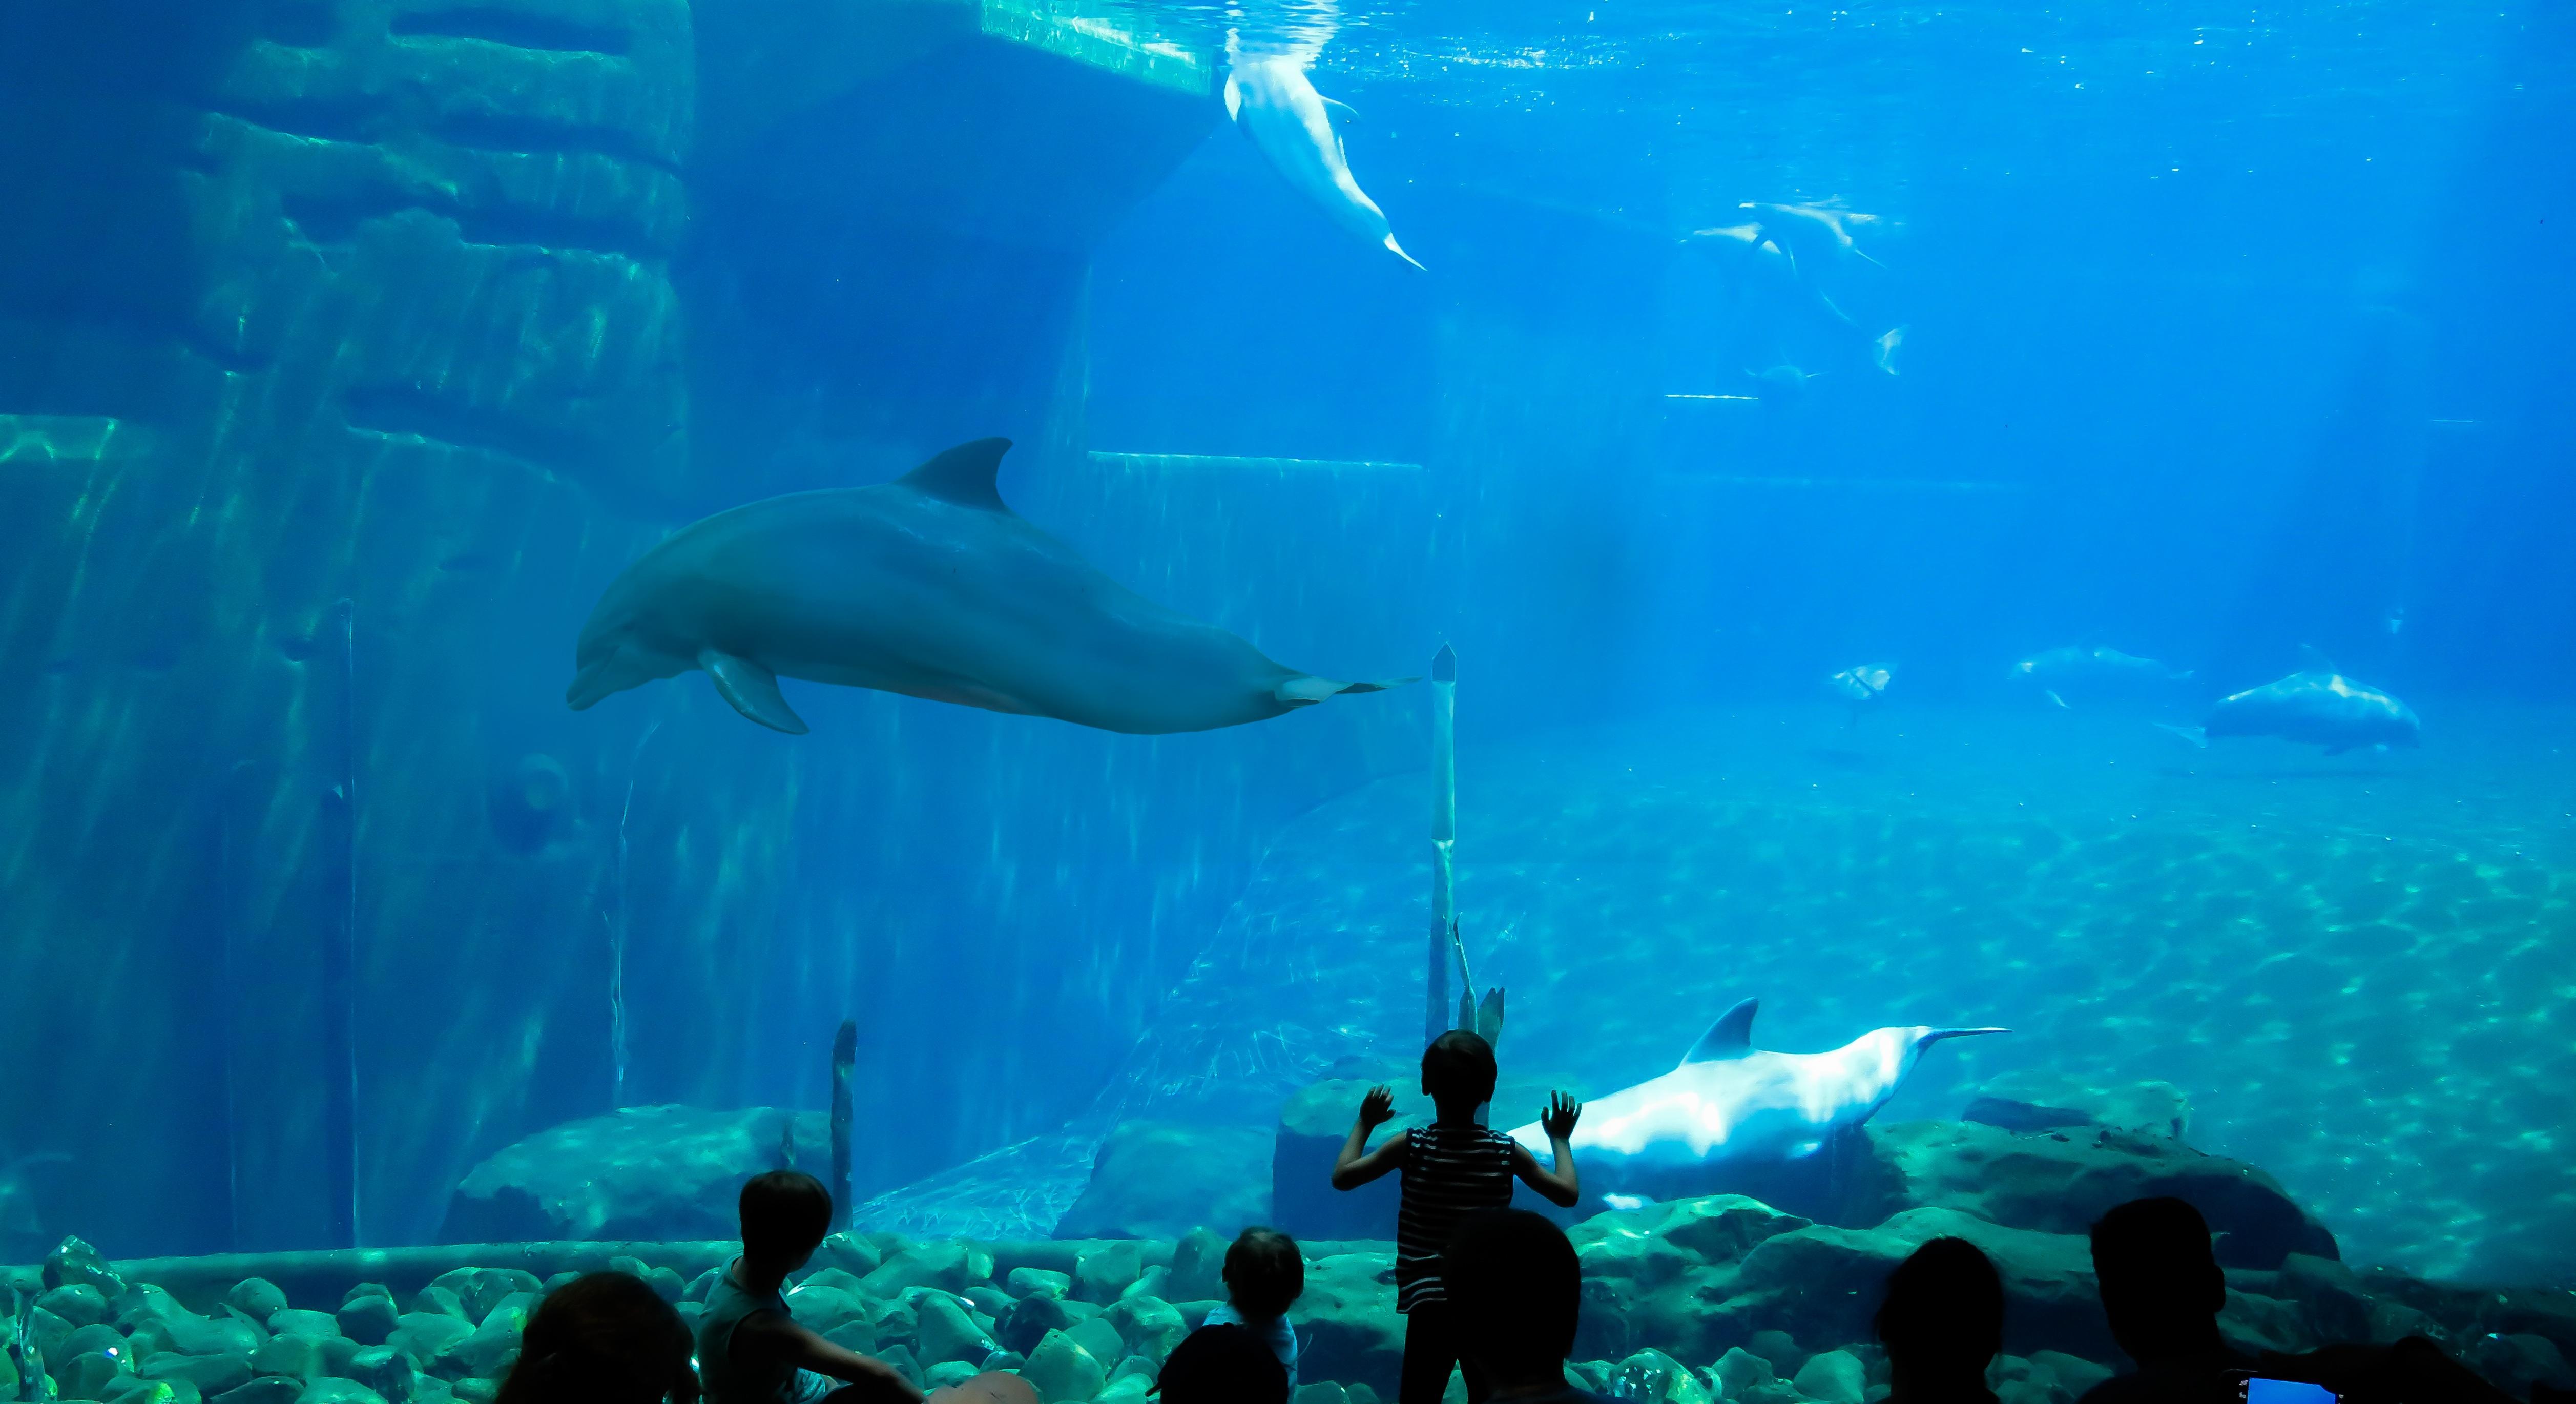 Dolphin in the Aquarium, Activity, Aquarium, Crowd, Dolphin, HQ Photo